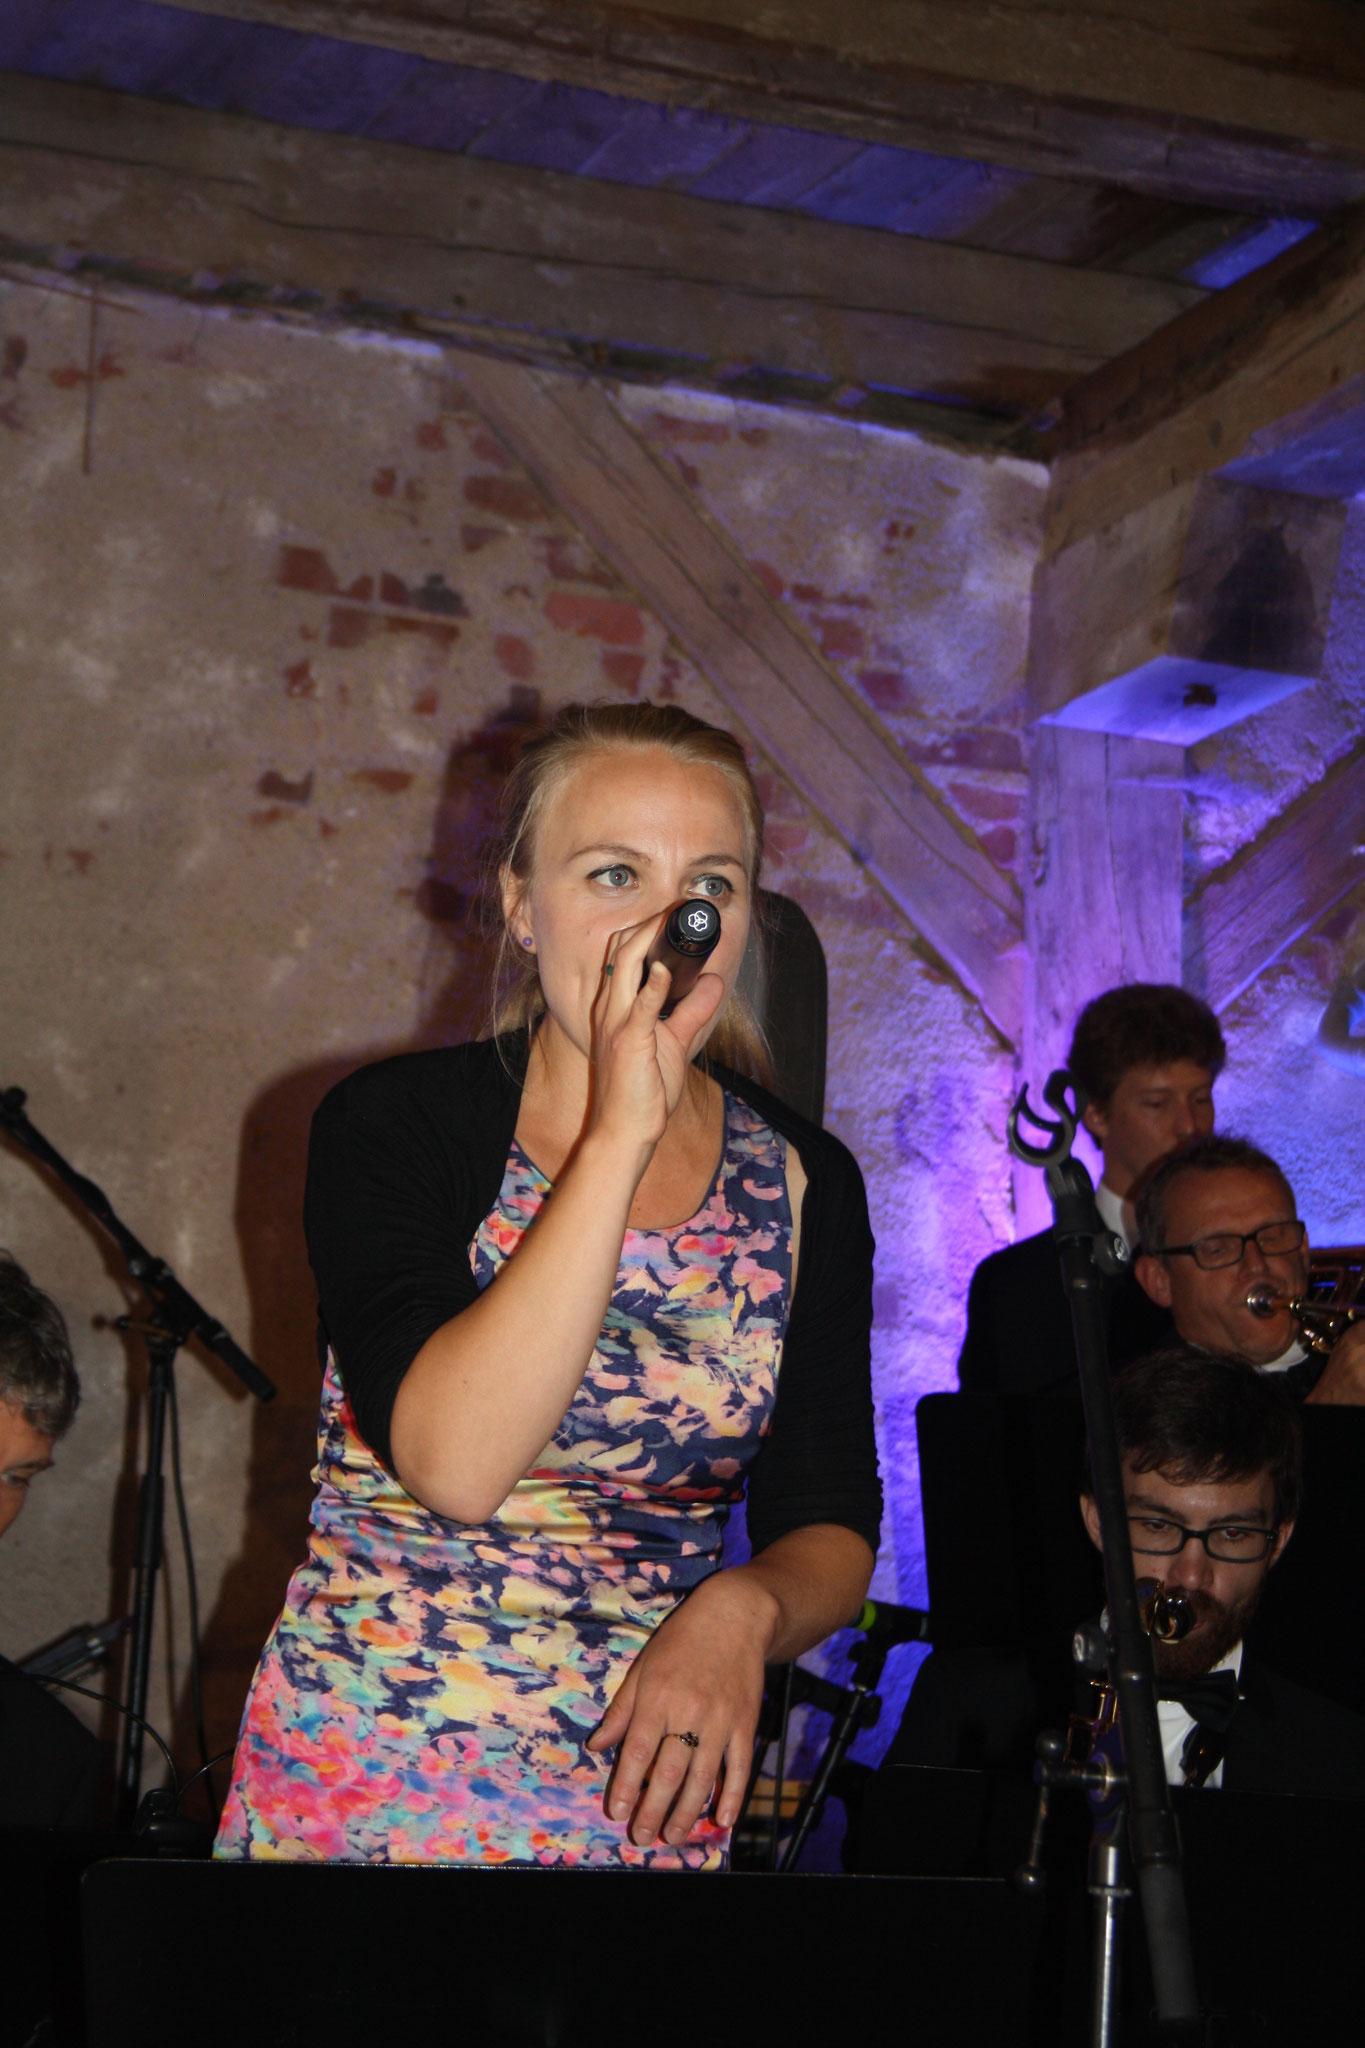 verstärkt Hannah Carlsson die Big Band mit tollem Gesang...